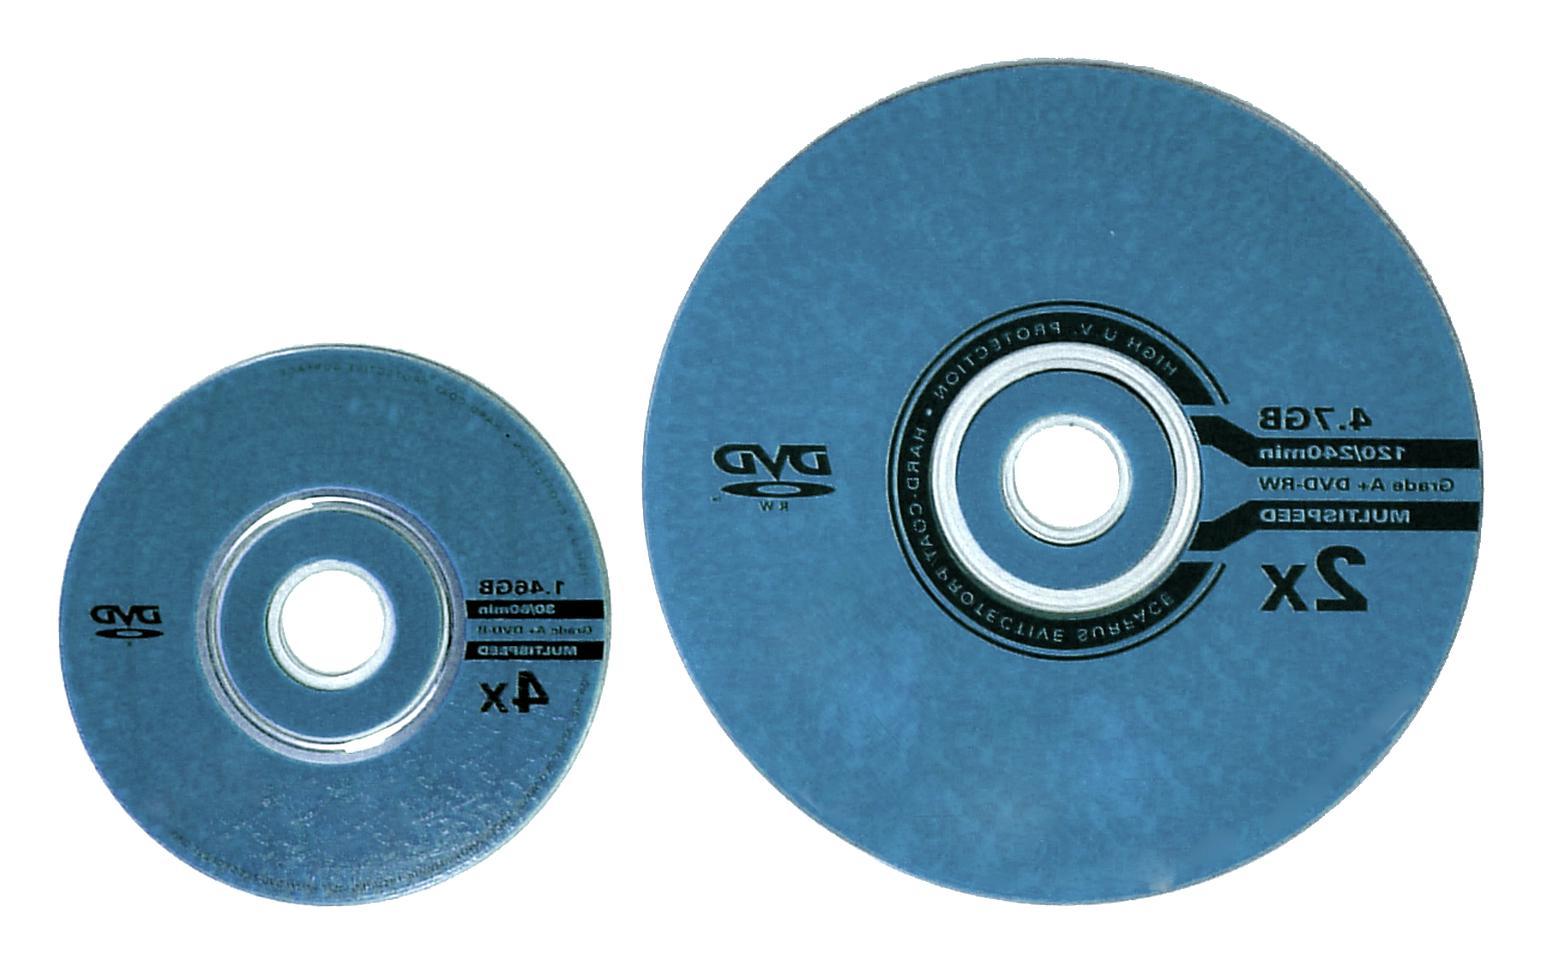 mini dvd gebraucht kaufen